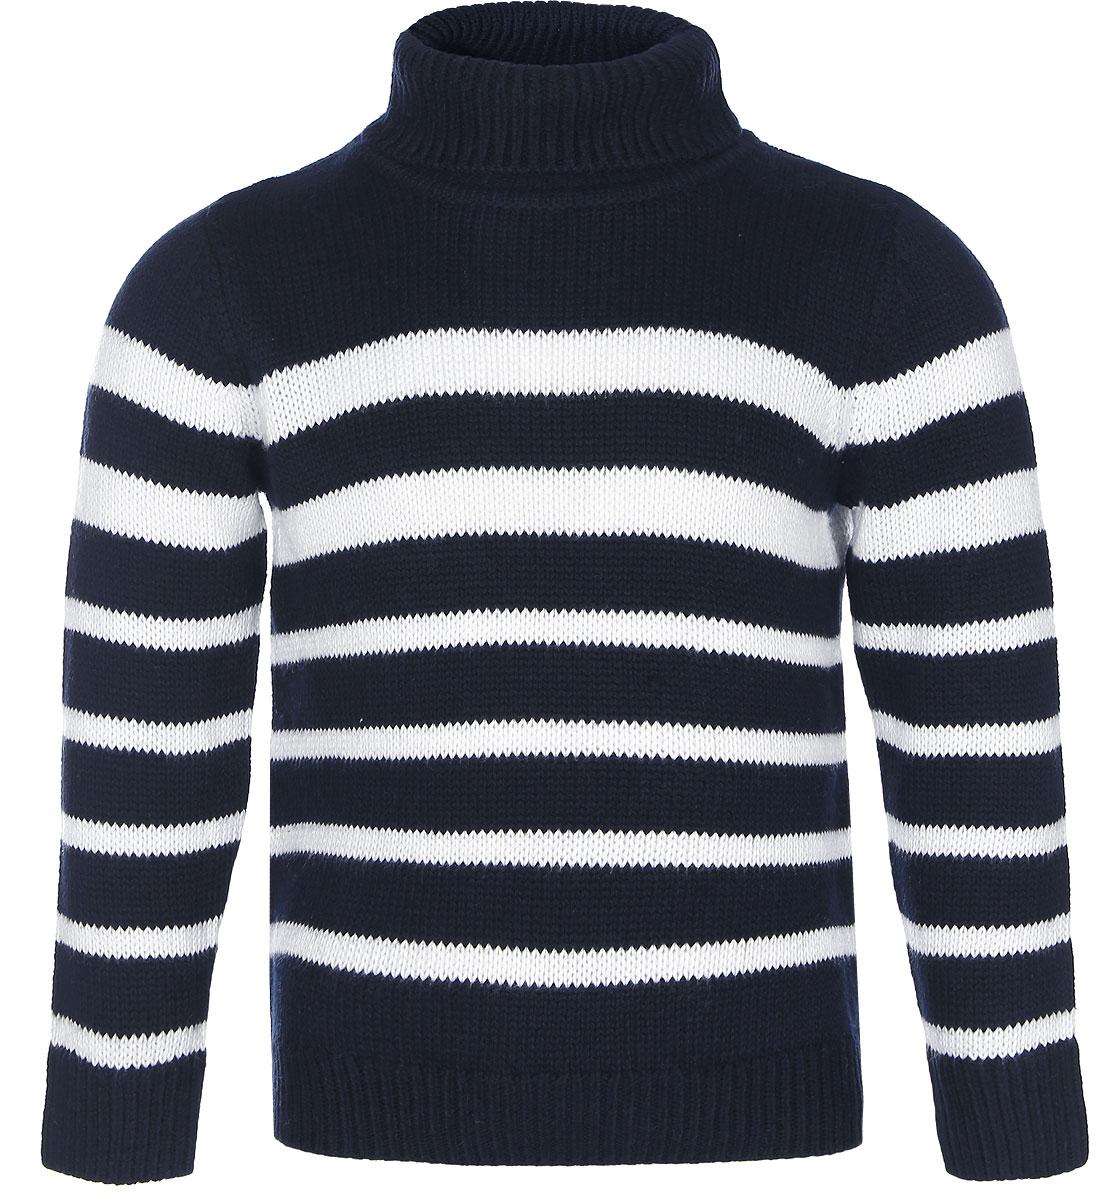 Свитер для мальчика Sela, цвет: темно-синий. JR-714/046-6425. Размер 116, 6 летJR-714/046-6425Теплый вязаный свитер для мальчика Sela идеально подойдет вашему ребенку в прохладные дни. Изготовленный из пряжи смешанного состава, он необычайно мягкий и приятный на ощупь, не сковывает движения и хорошо сохраняет тепло, обеспечивая наибольший комфорт. Уютный вязаный свитер с длинными рукавами имеет высокий воротник-гольф с отворотом. Низ рукавов, воротник и низ изделия дополнены вязаной крупной резинкой. Такой свитер послужит отличным дополнением к гардеробу вашего ребенка. Он улучшит настроение даже в хмурые холодные дни!